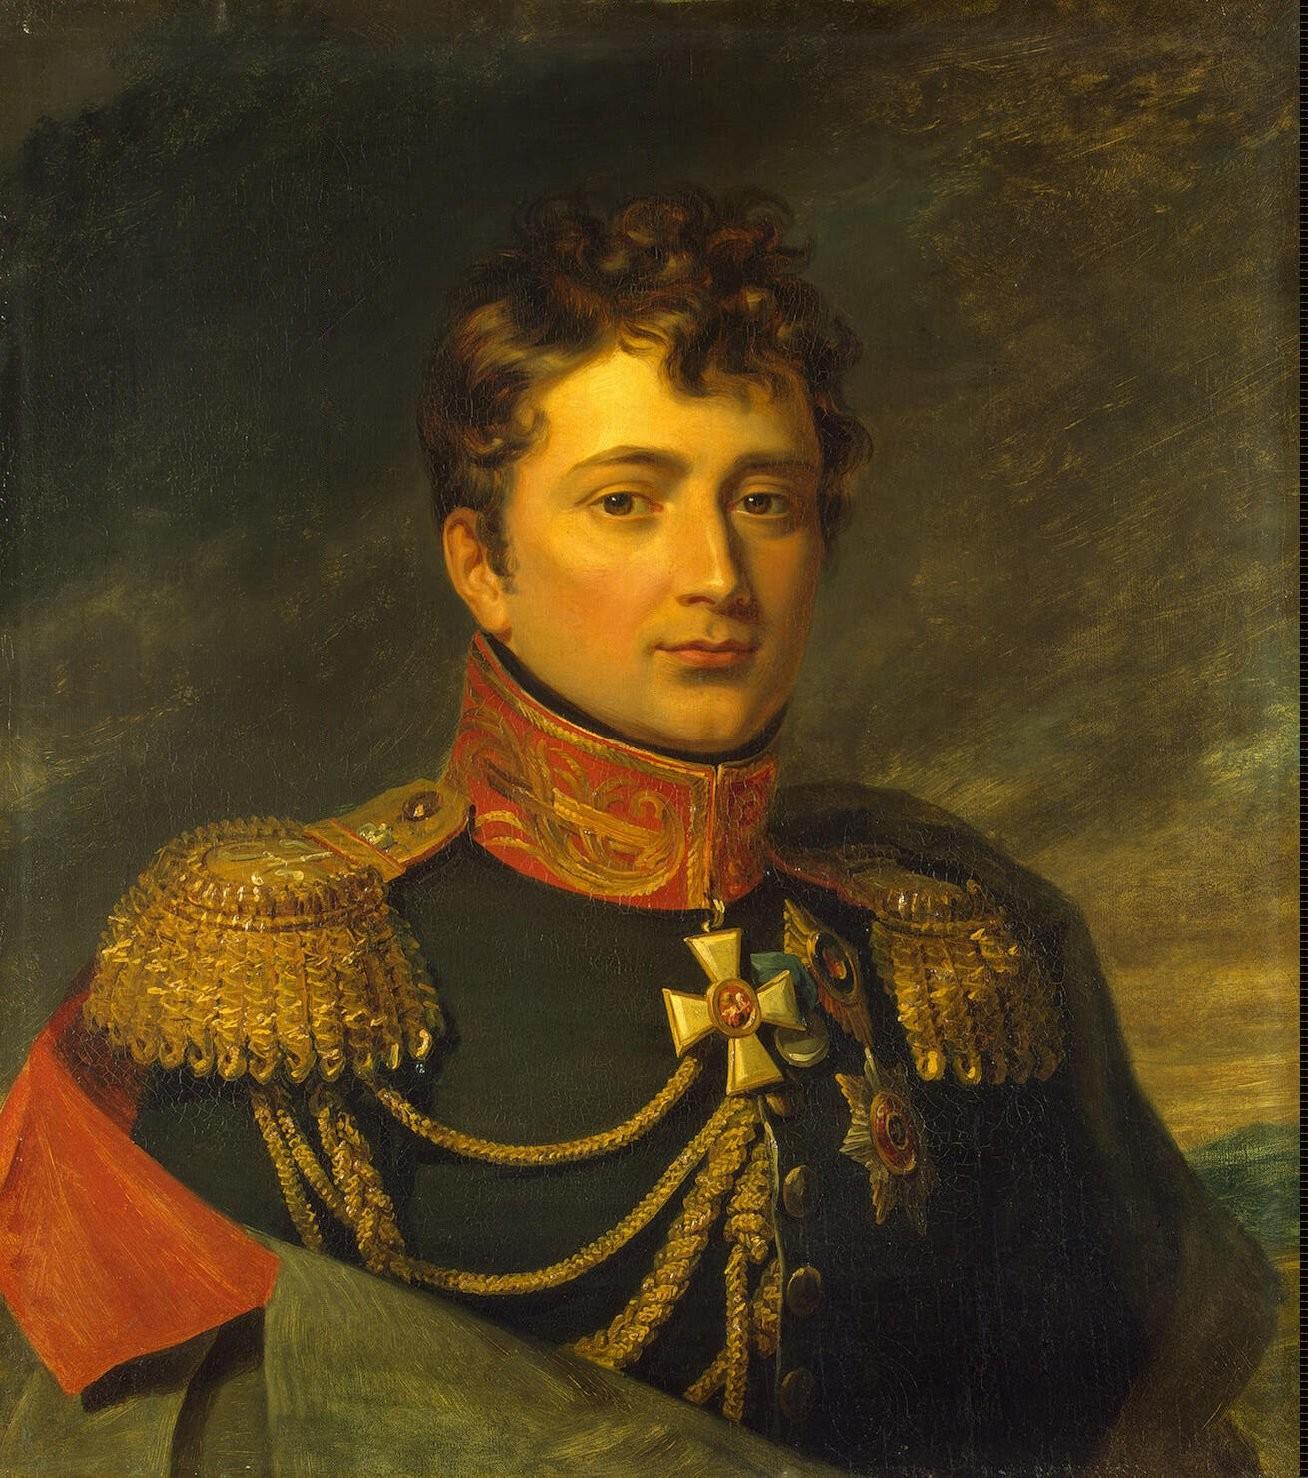 Guillaume Emmanuel Guignard, vicomte de Saint-Priest